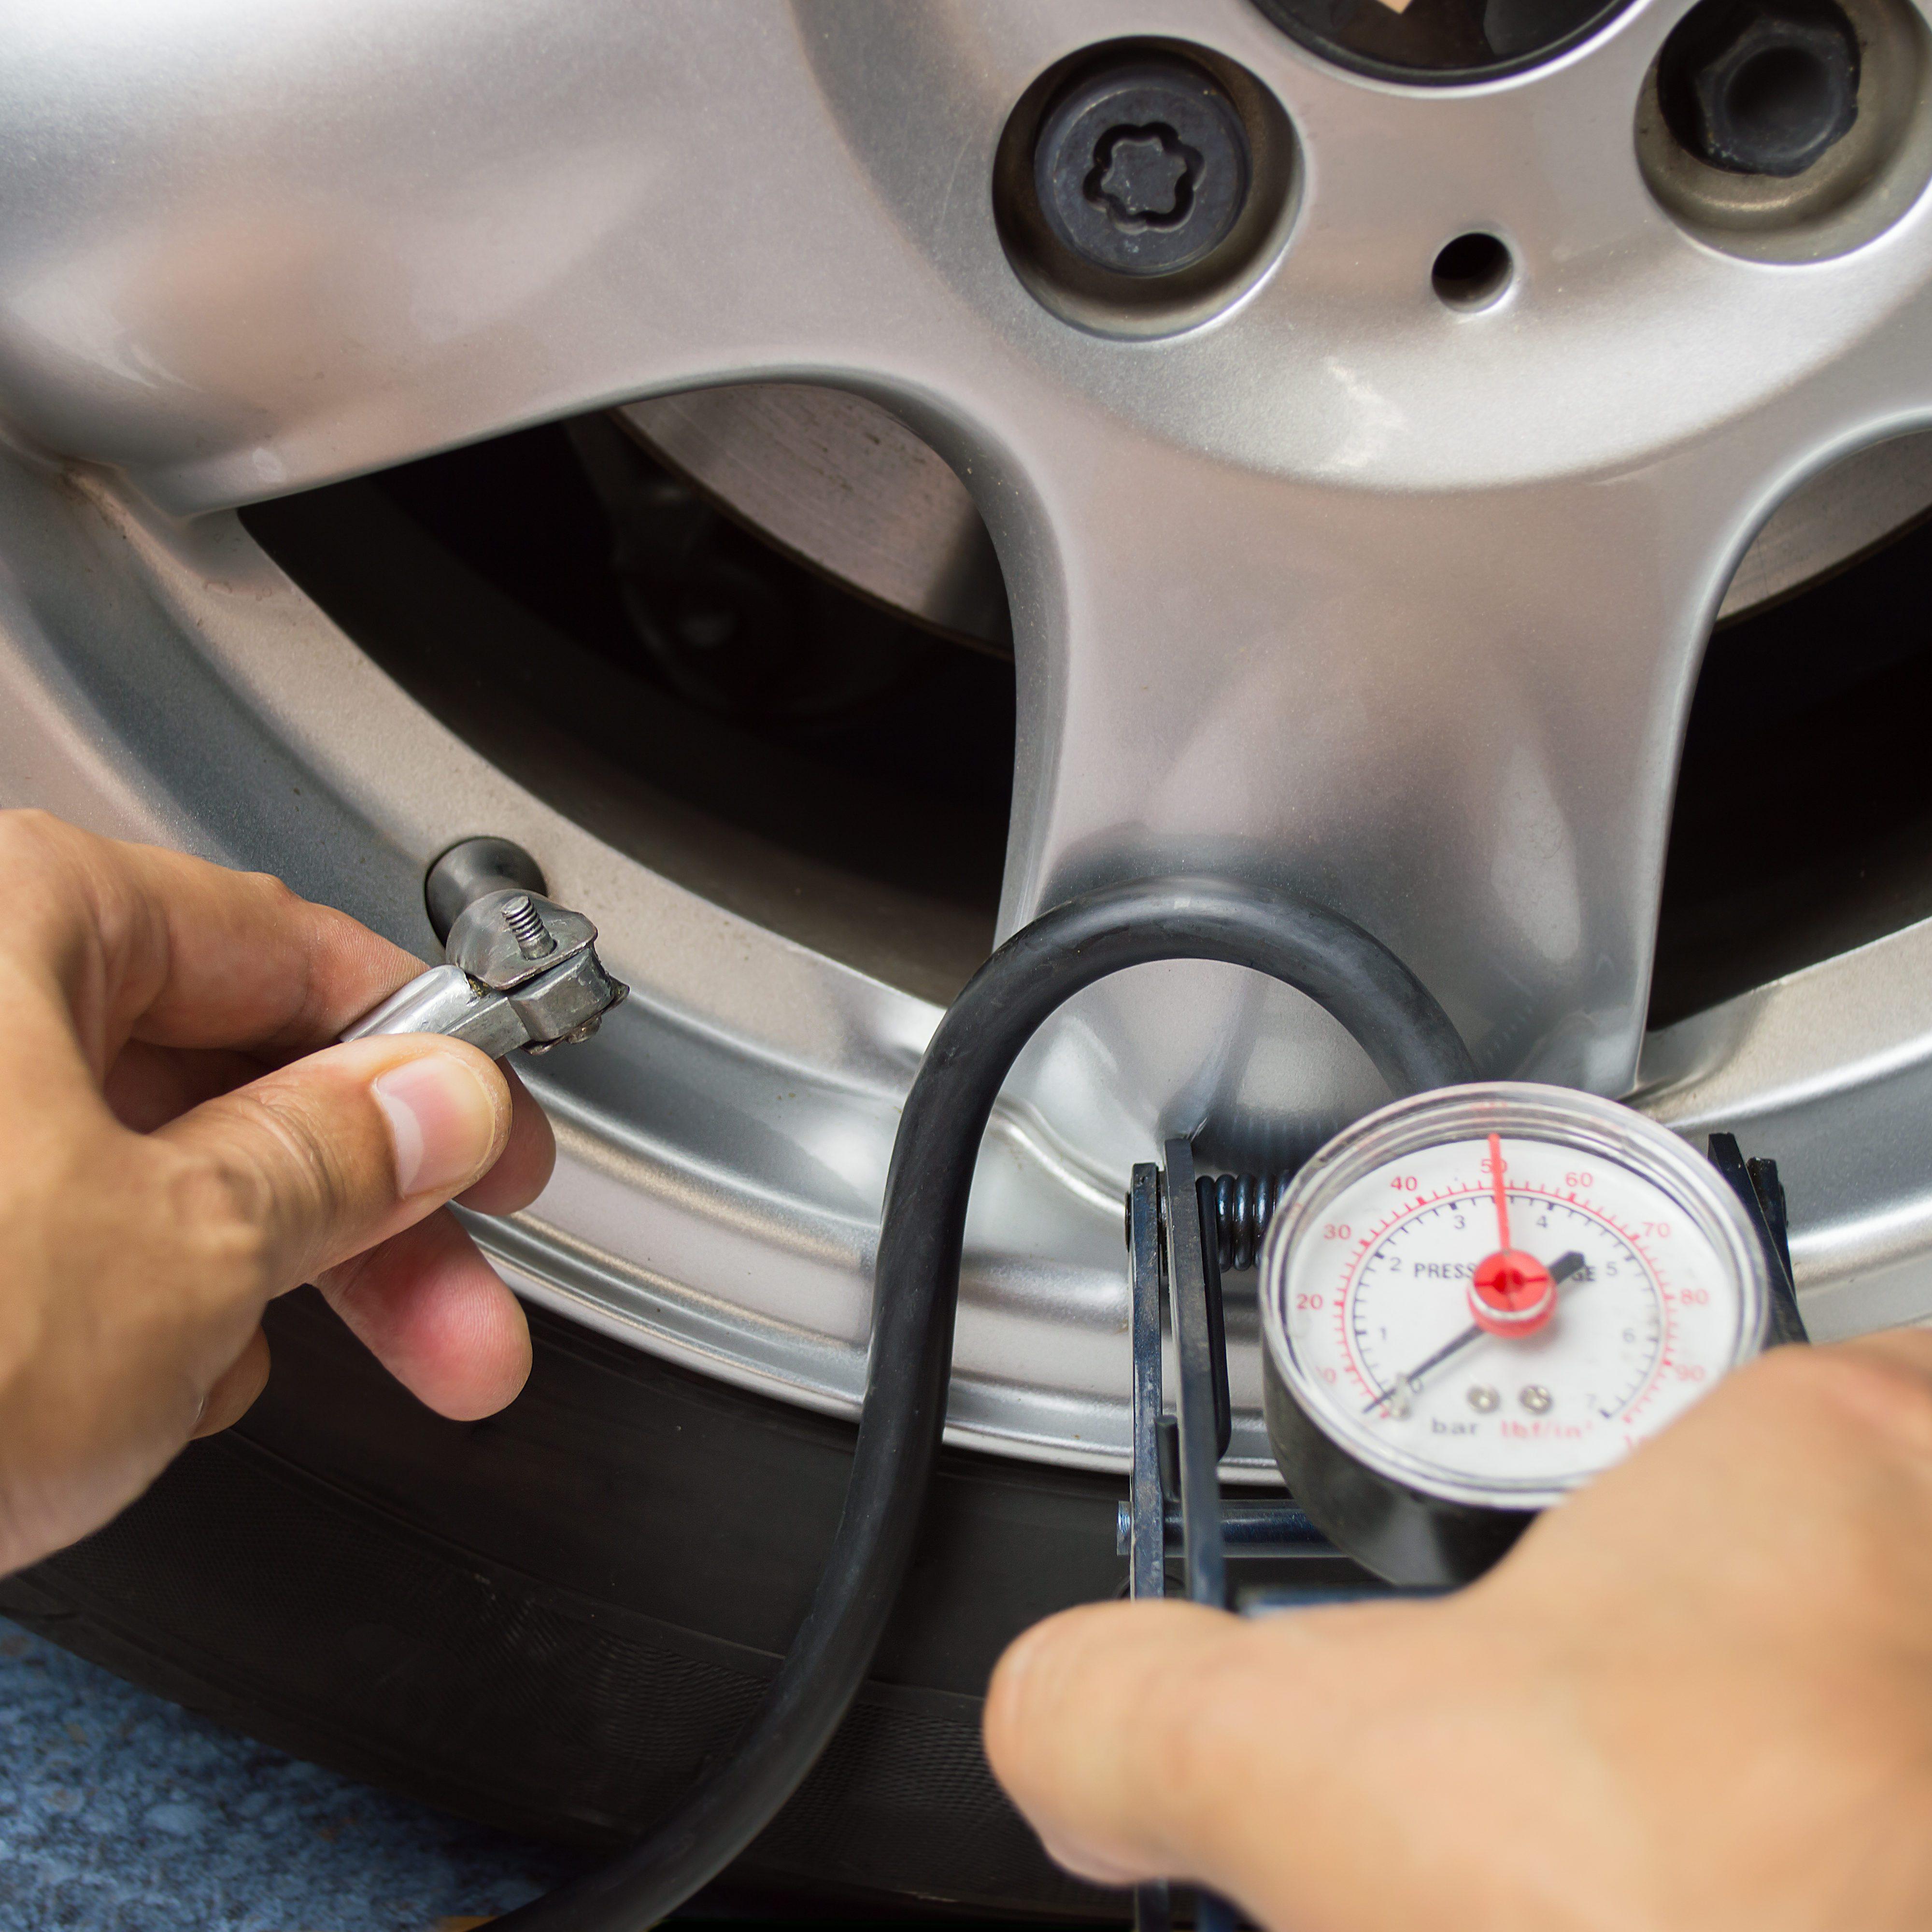 hand and car wheel add air pressure